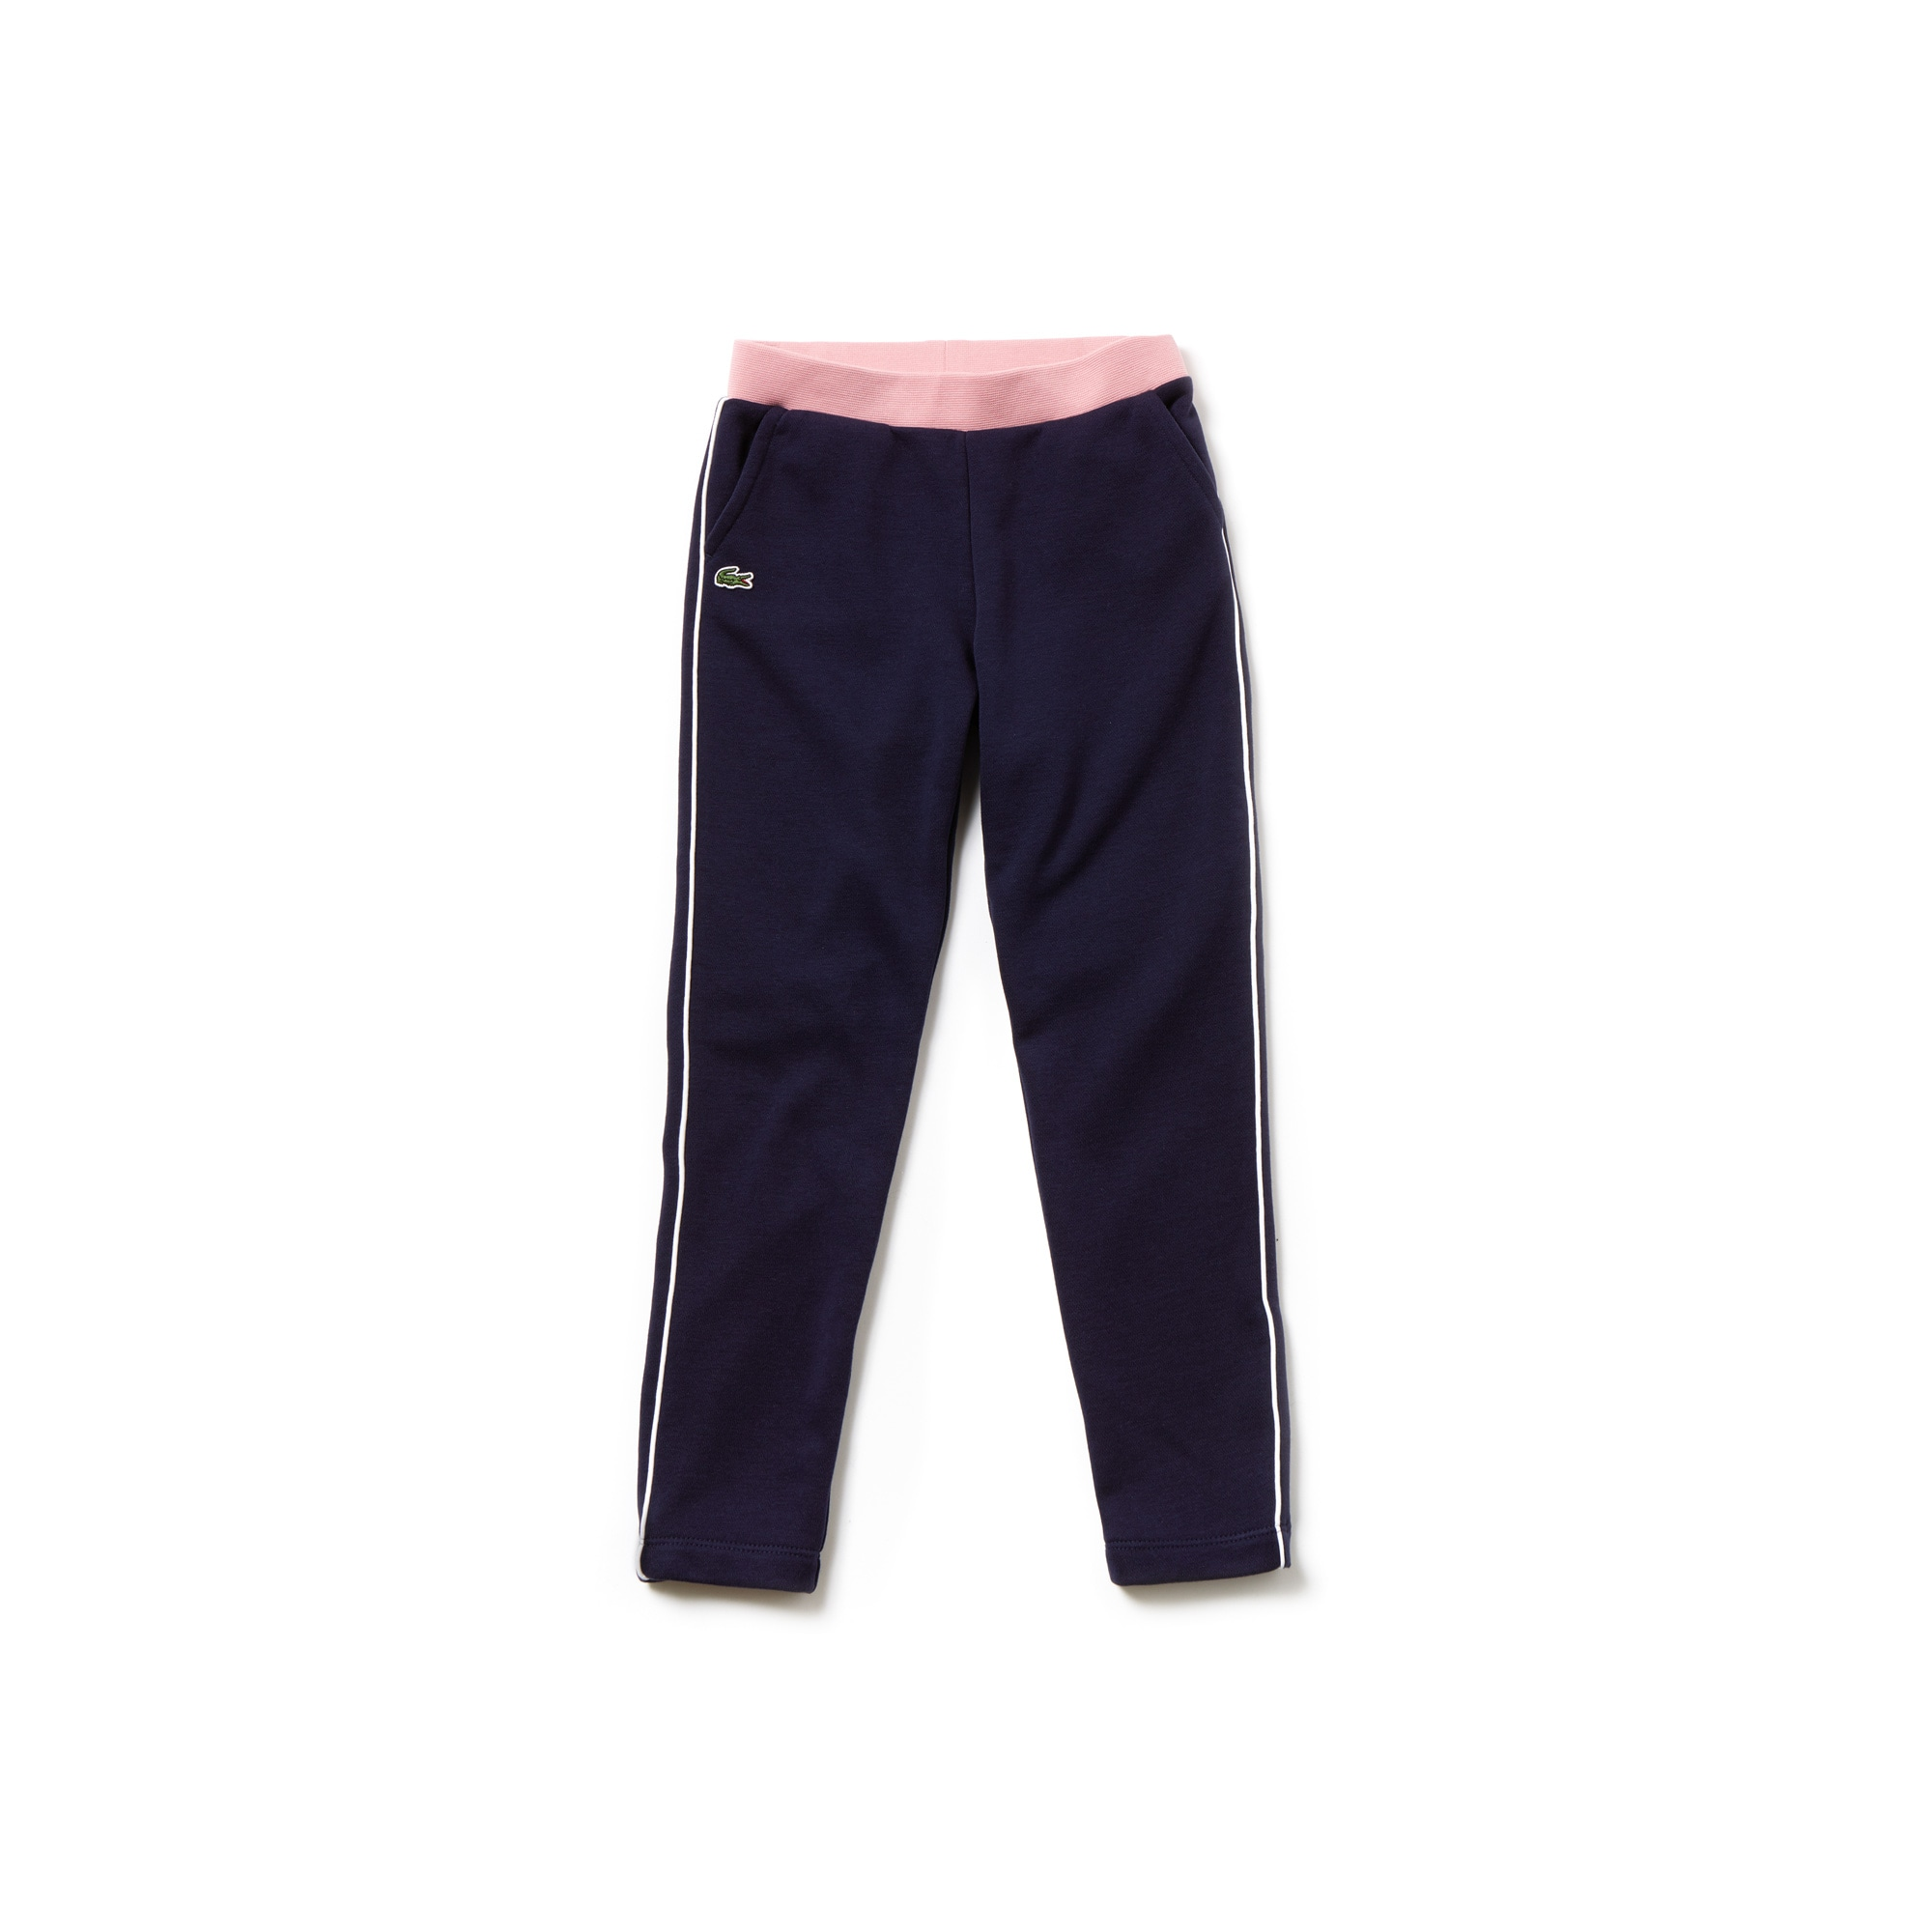 Girls' Contrast Accents Fleece Sweatpants